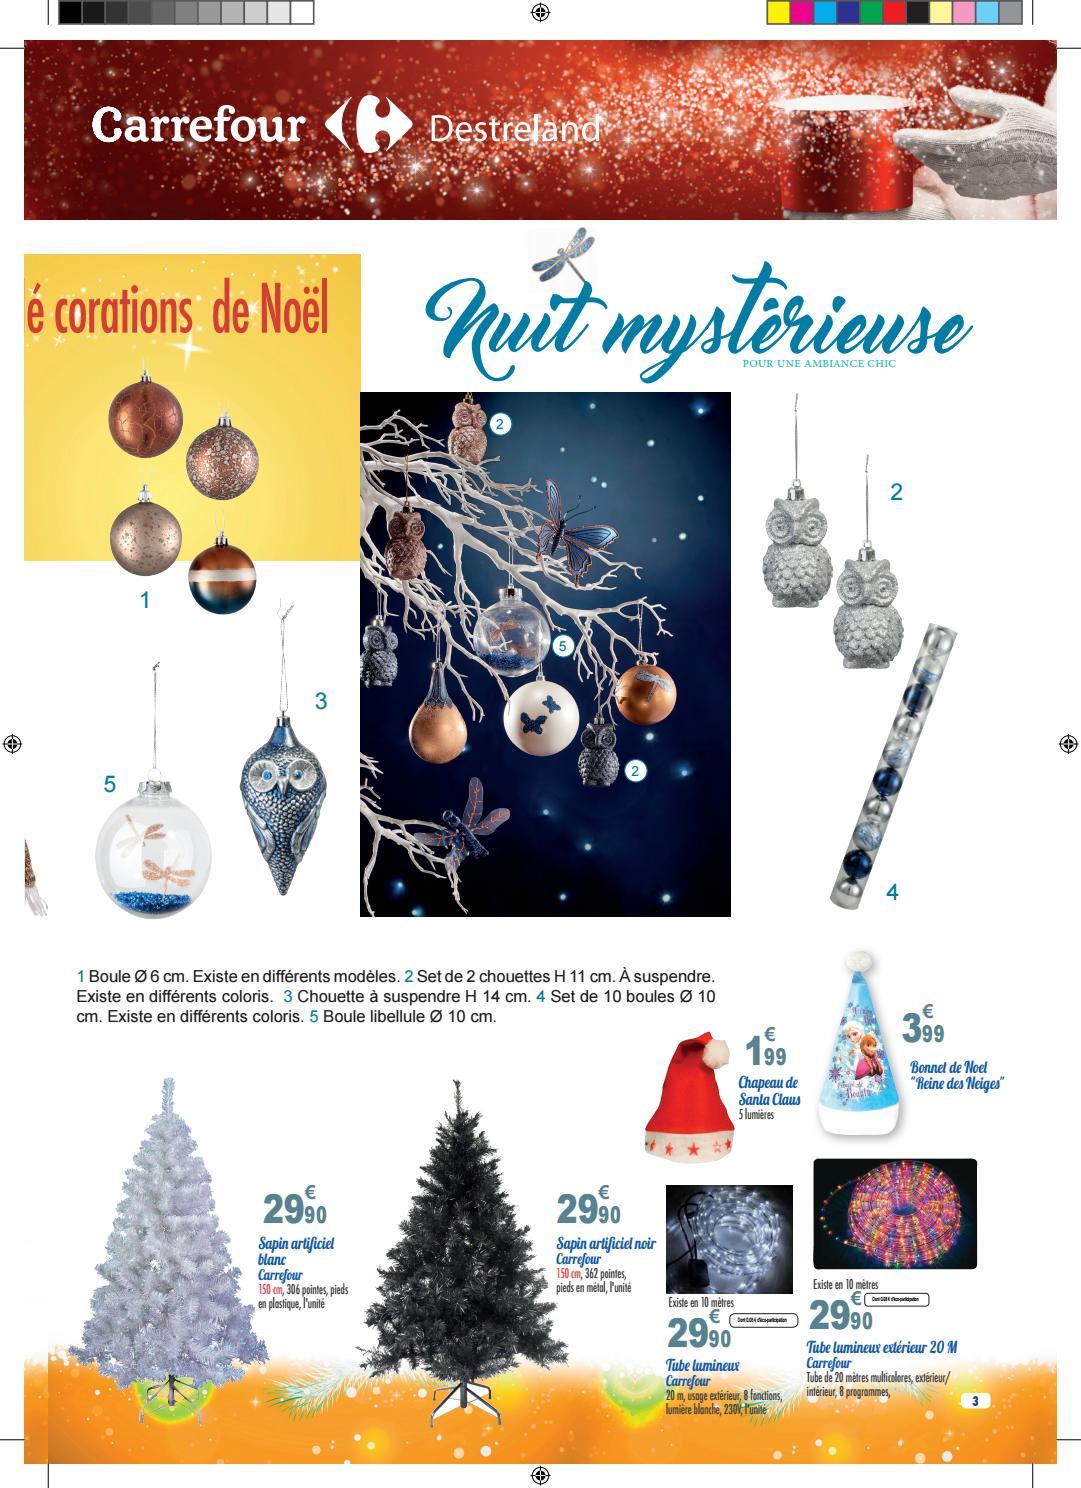 Carrefour Destreland Joyeux Noël Du 08 Novembre Au 04